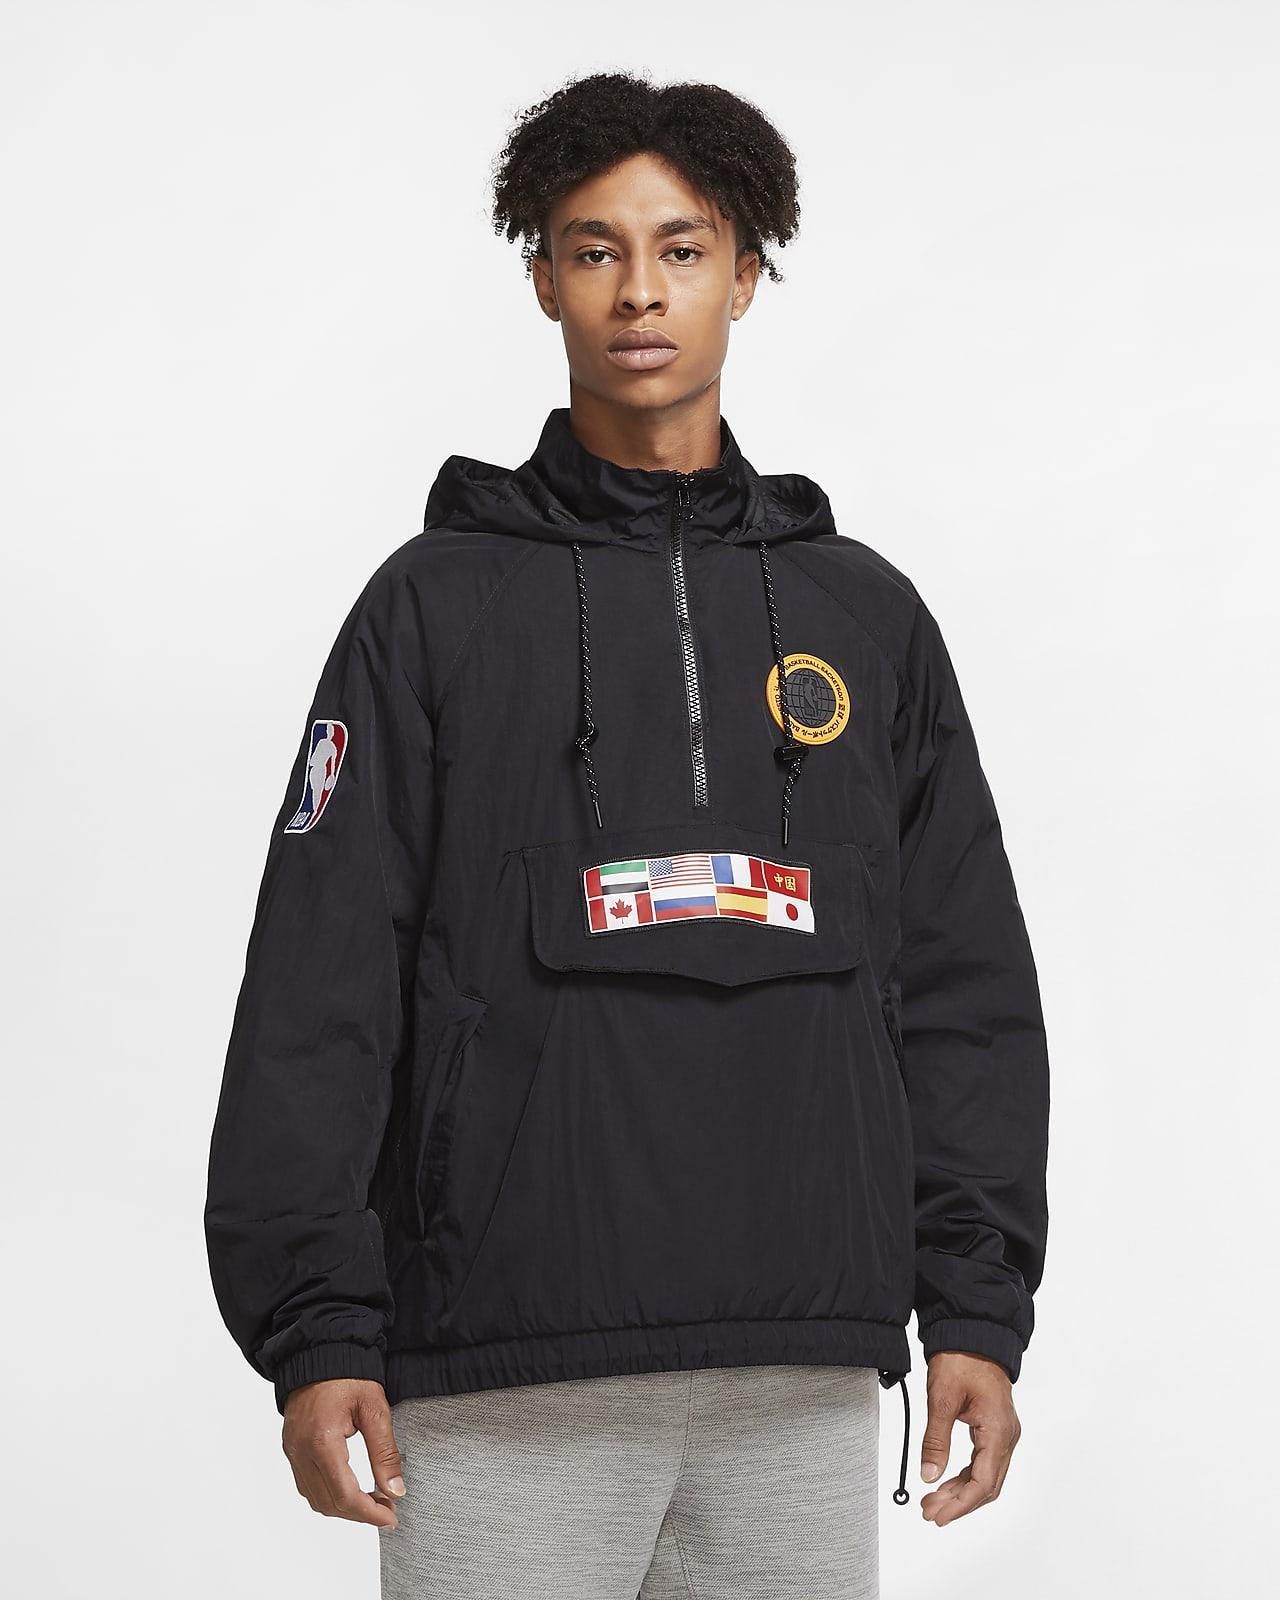 Team 31 Courtside Nike NBA-jakke til mænd